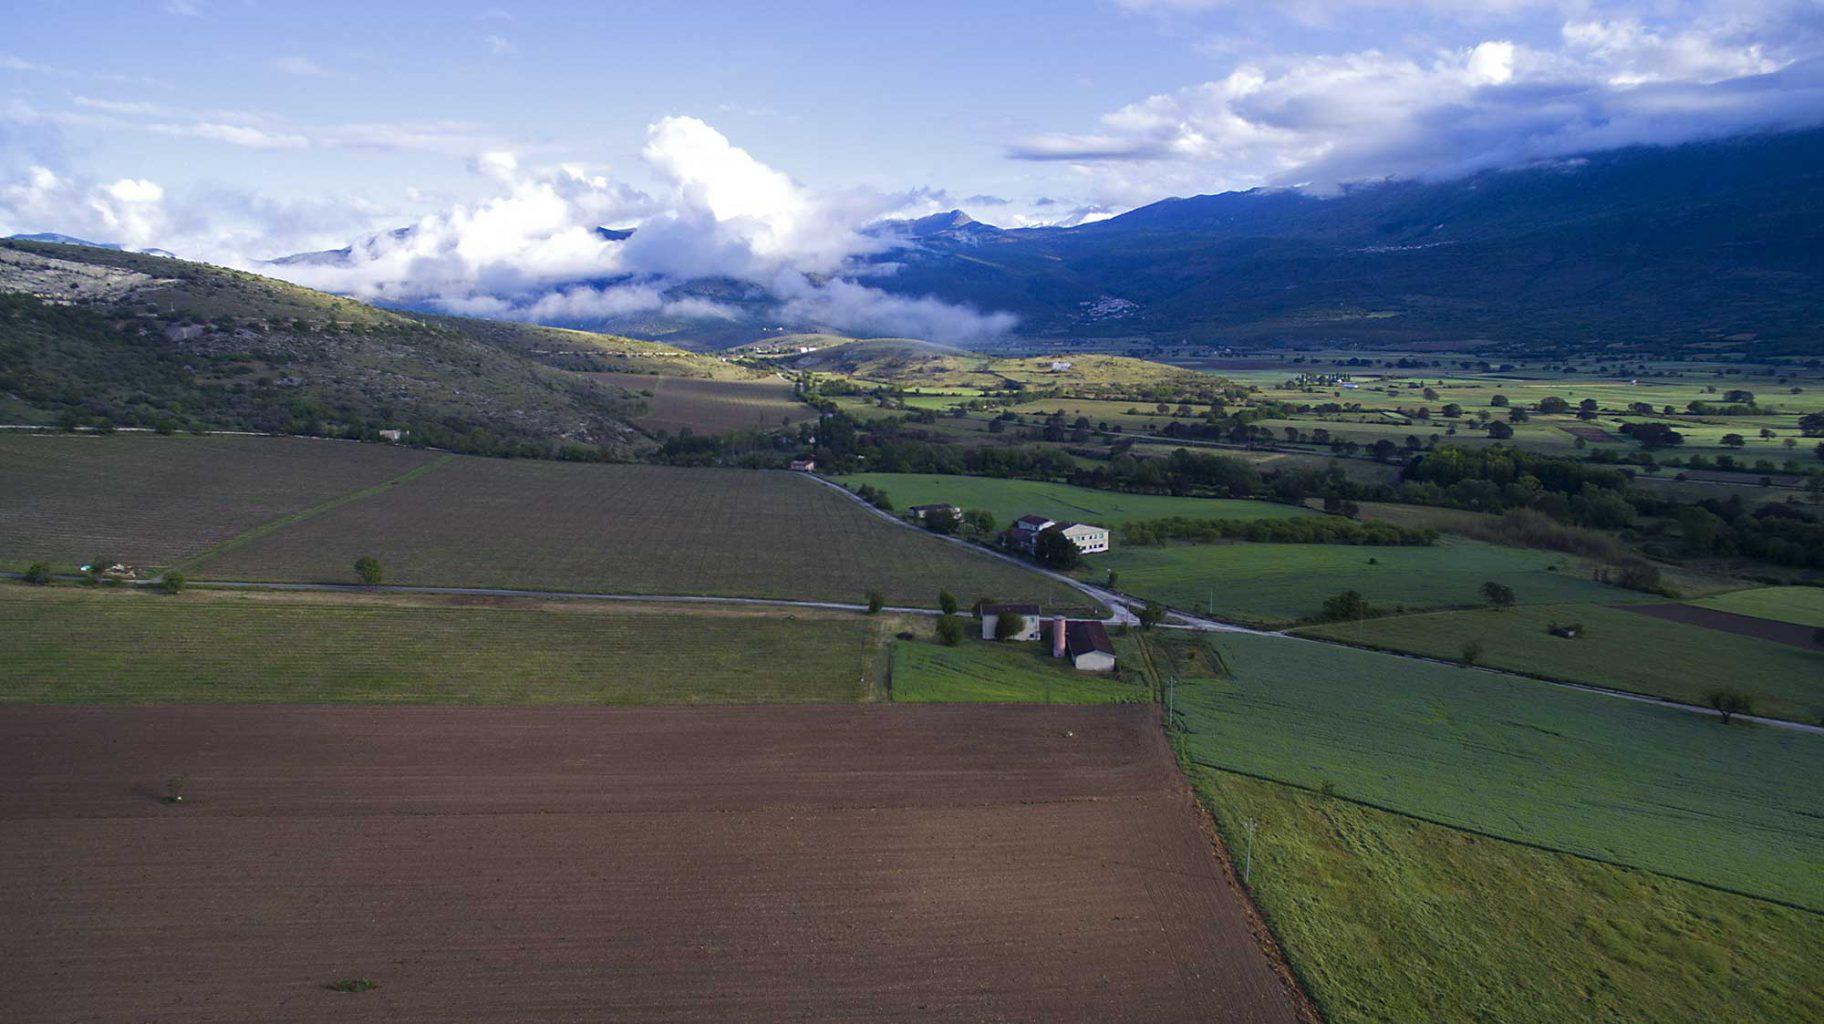 Abruzze Mountains